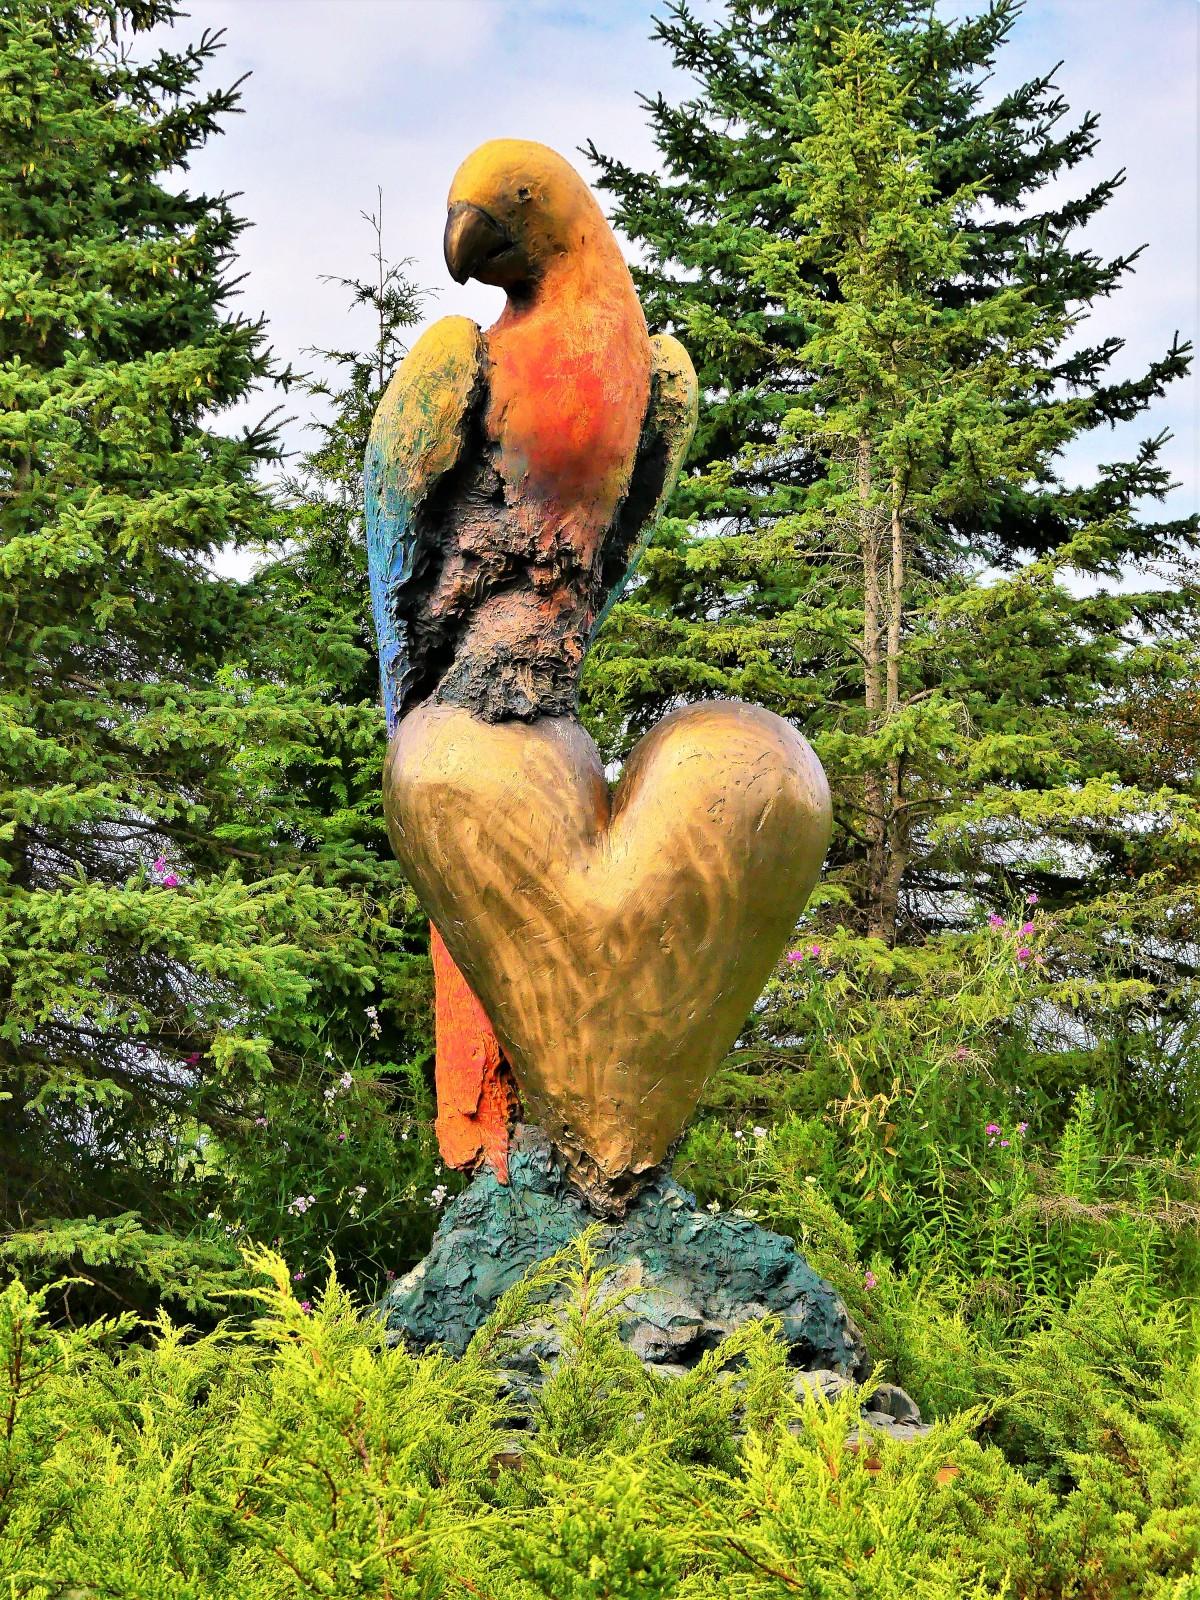 Jim Dine's Large Parrot Screams Color